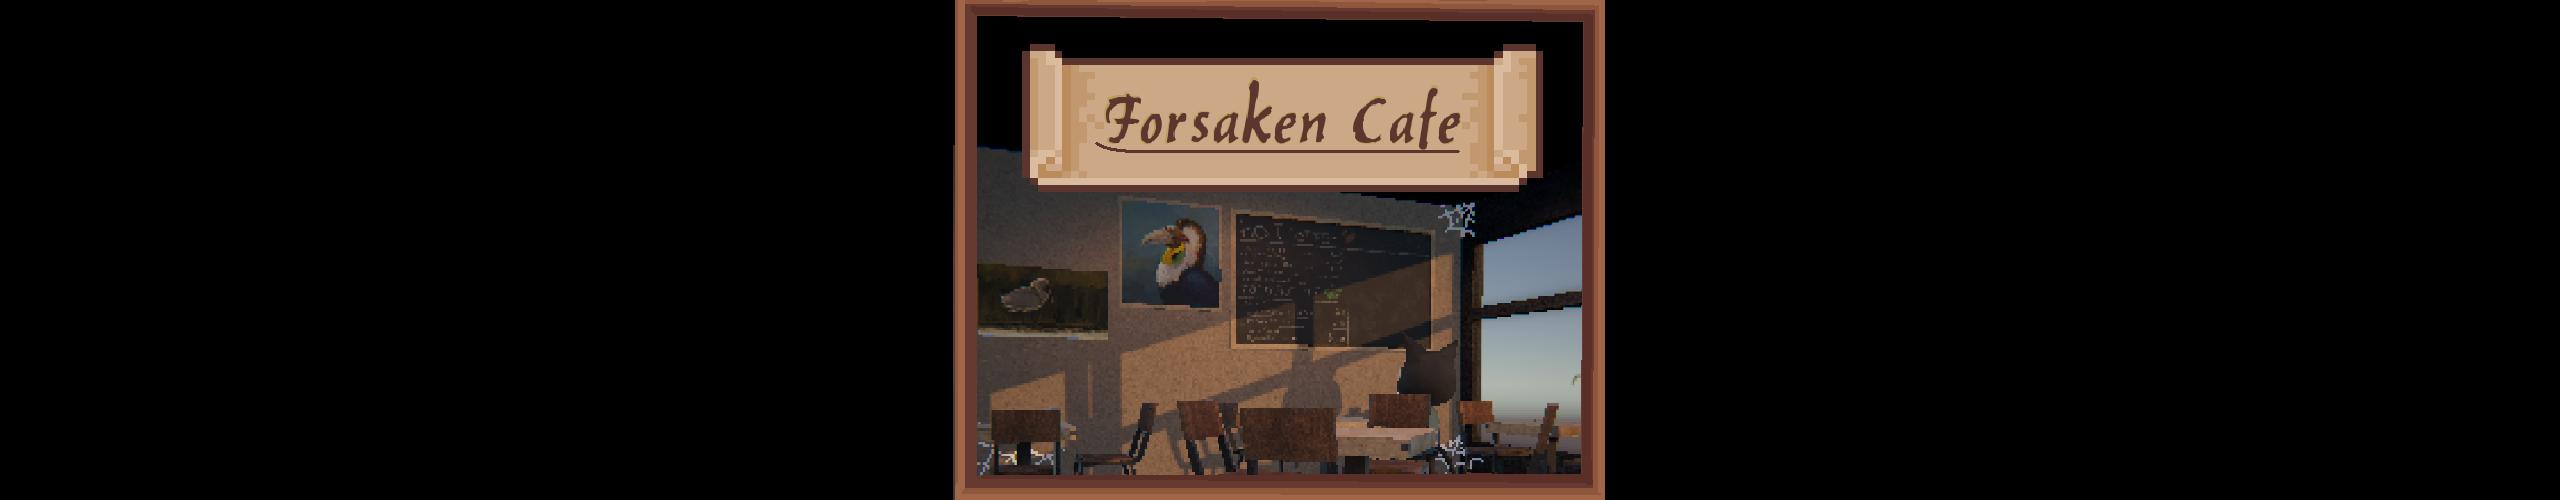 Forsaken Café